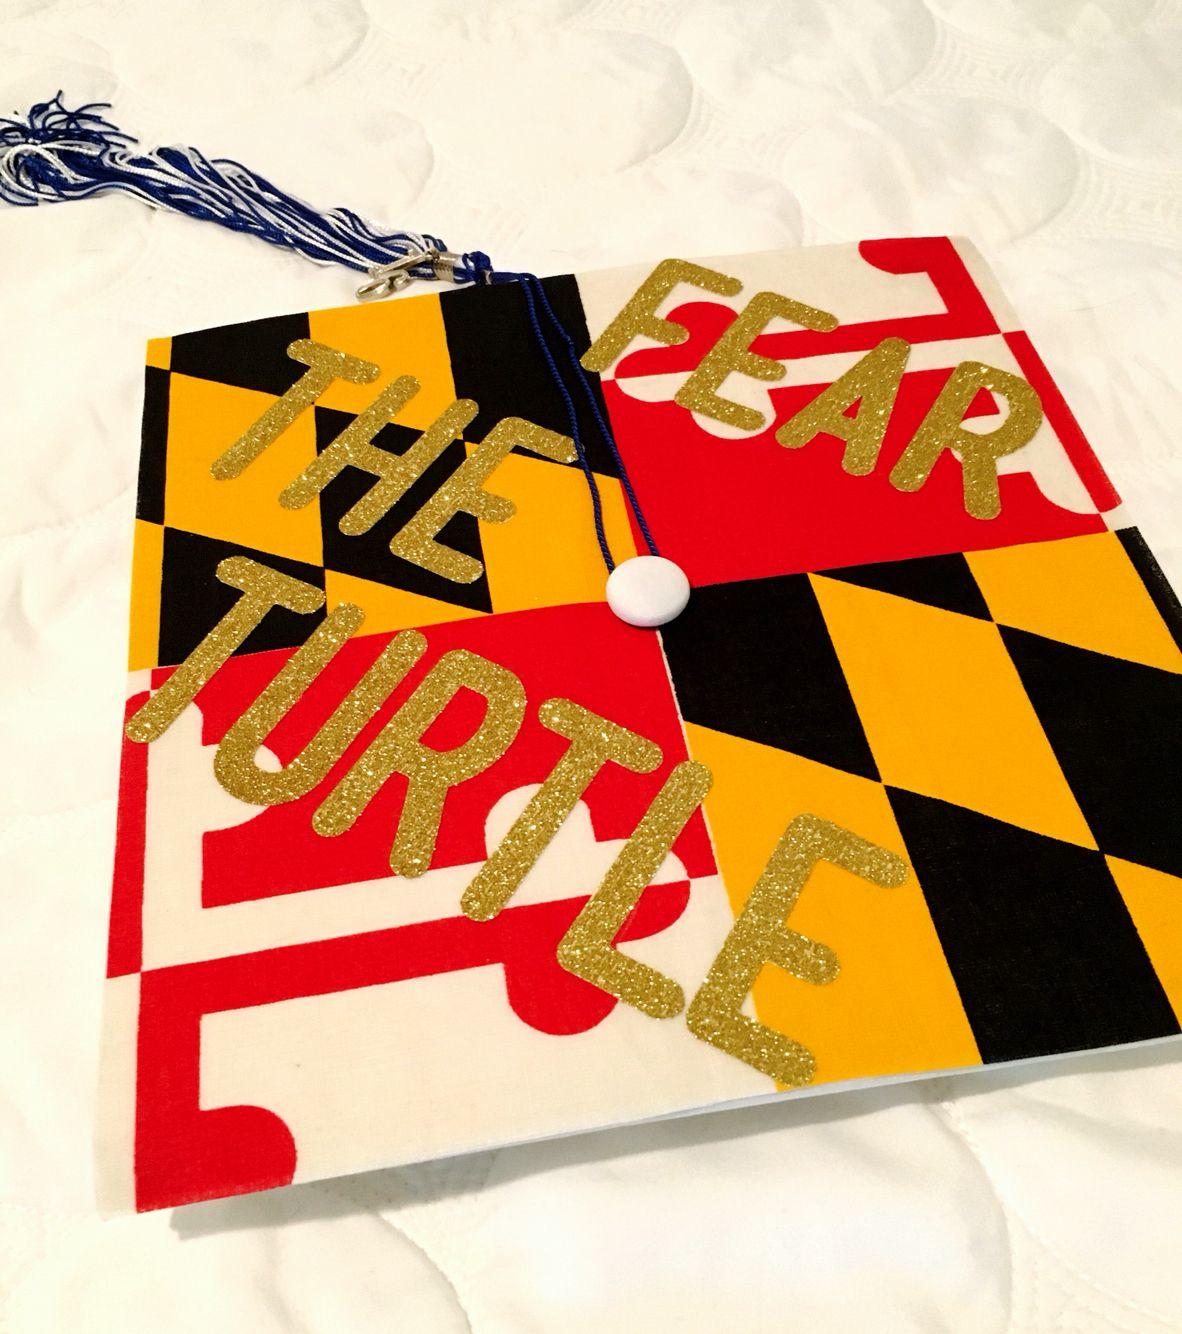 Umd themed graduation cap maryland umd feartheturtle do it maryland umd feartheturtle solutioingenieria Gallery